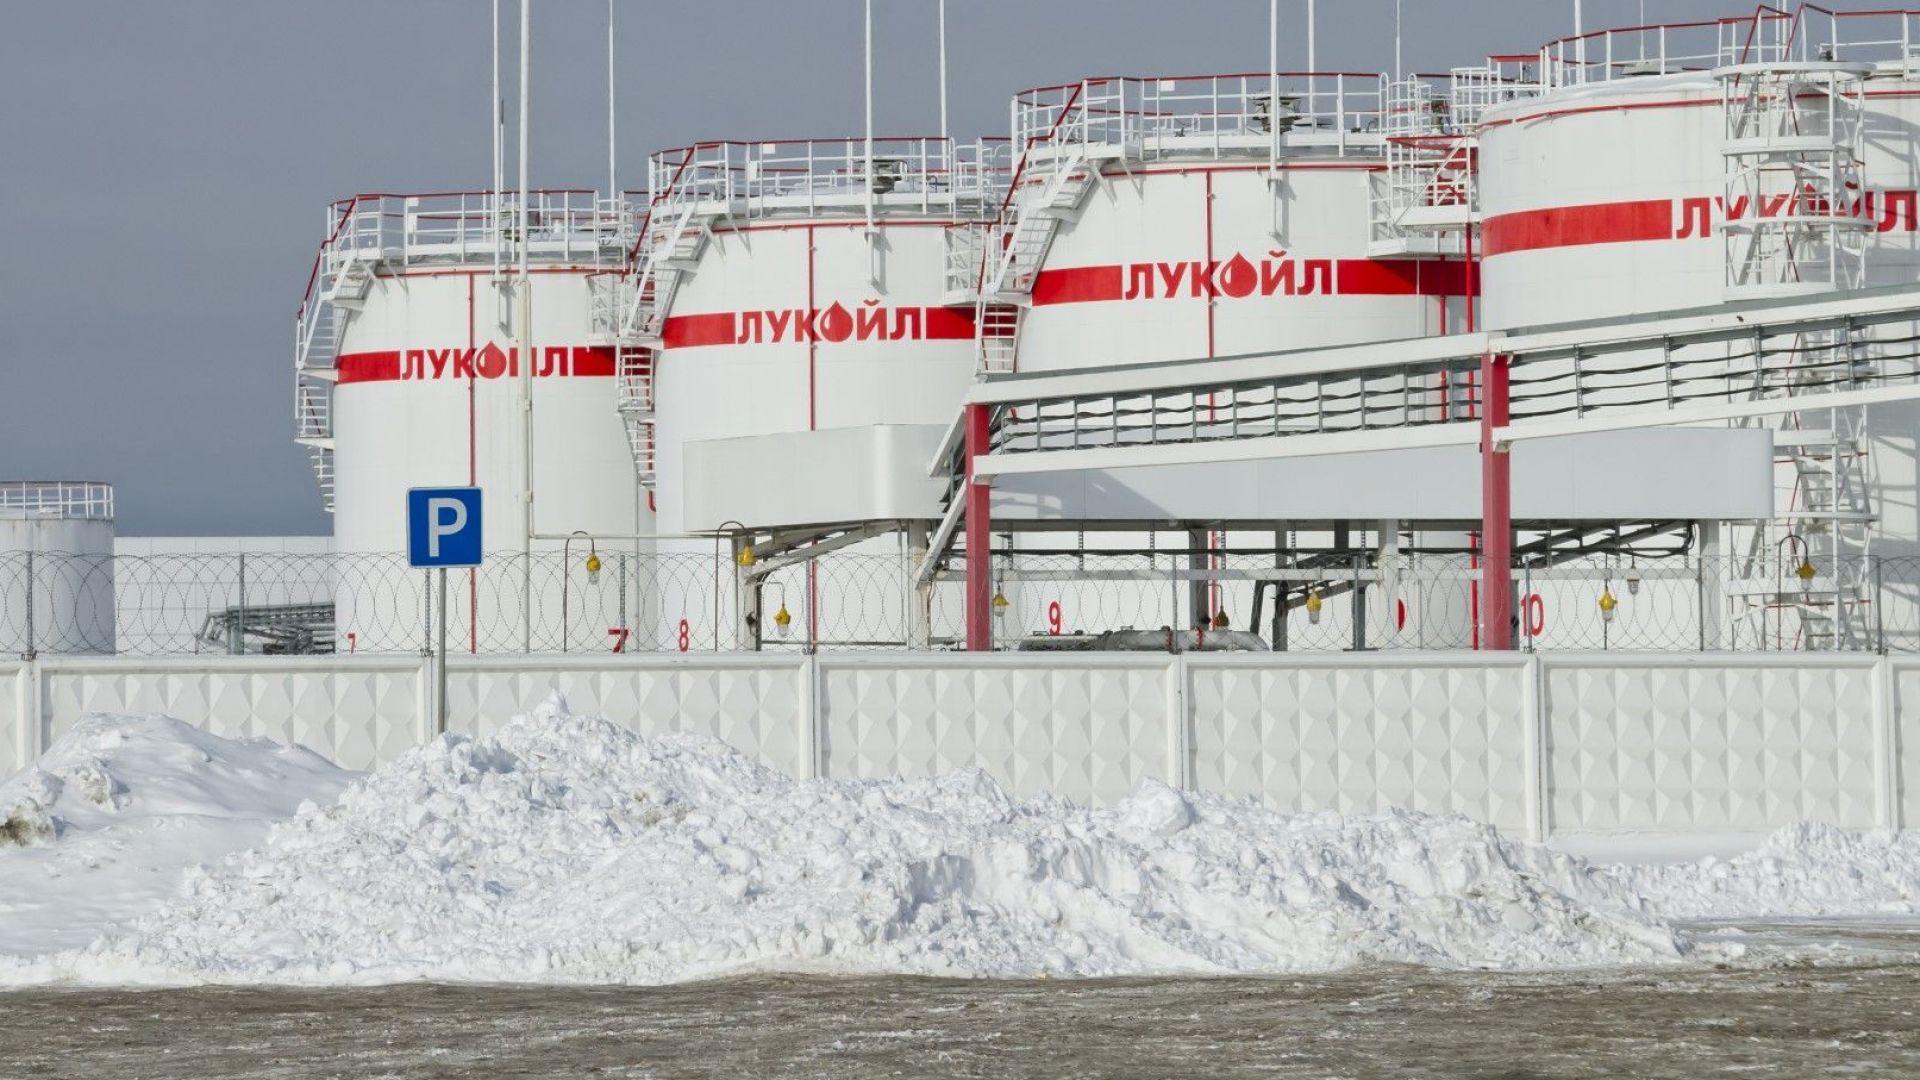 Лукойл остава най-голямата частна компания в Русия